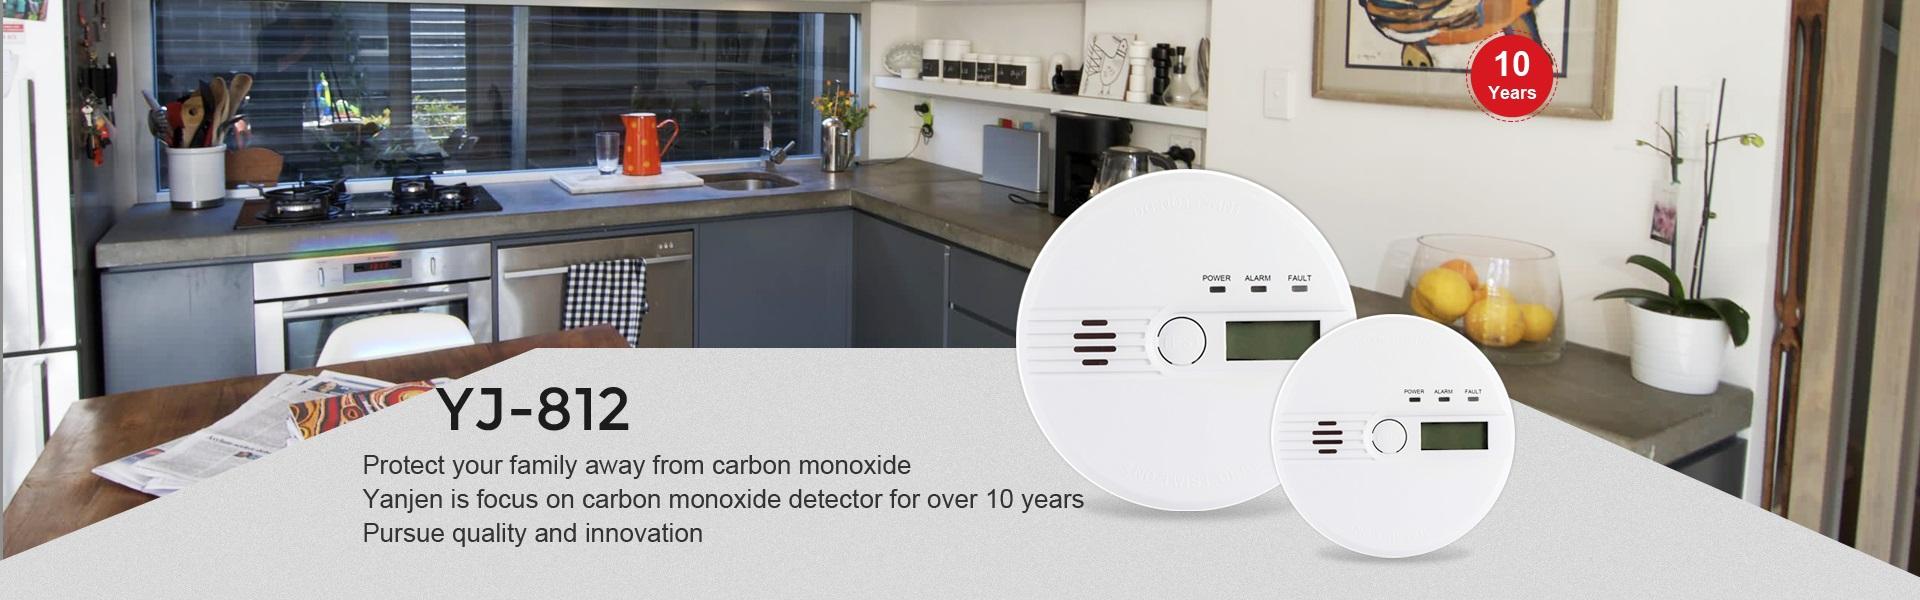 Carbon Monoxide Detector-YJ-812